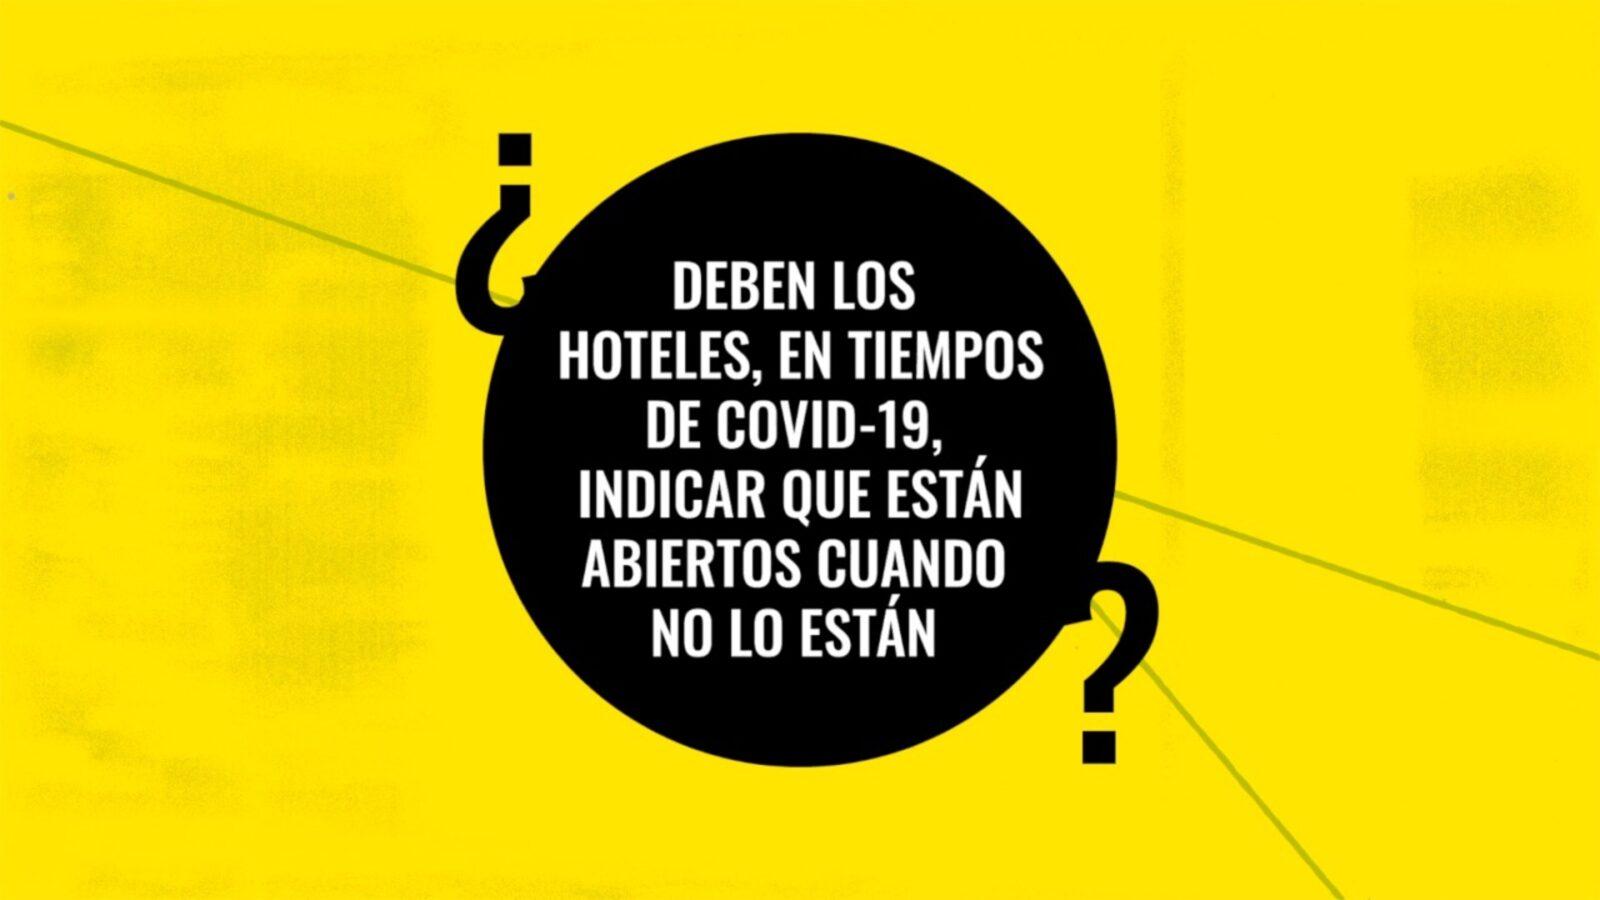 ¿Deben los hoteles, en tiempos de COVID-19 indicar que están abiertos cuando no lo están?